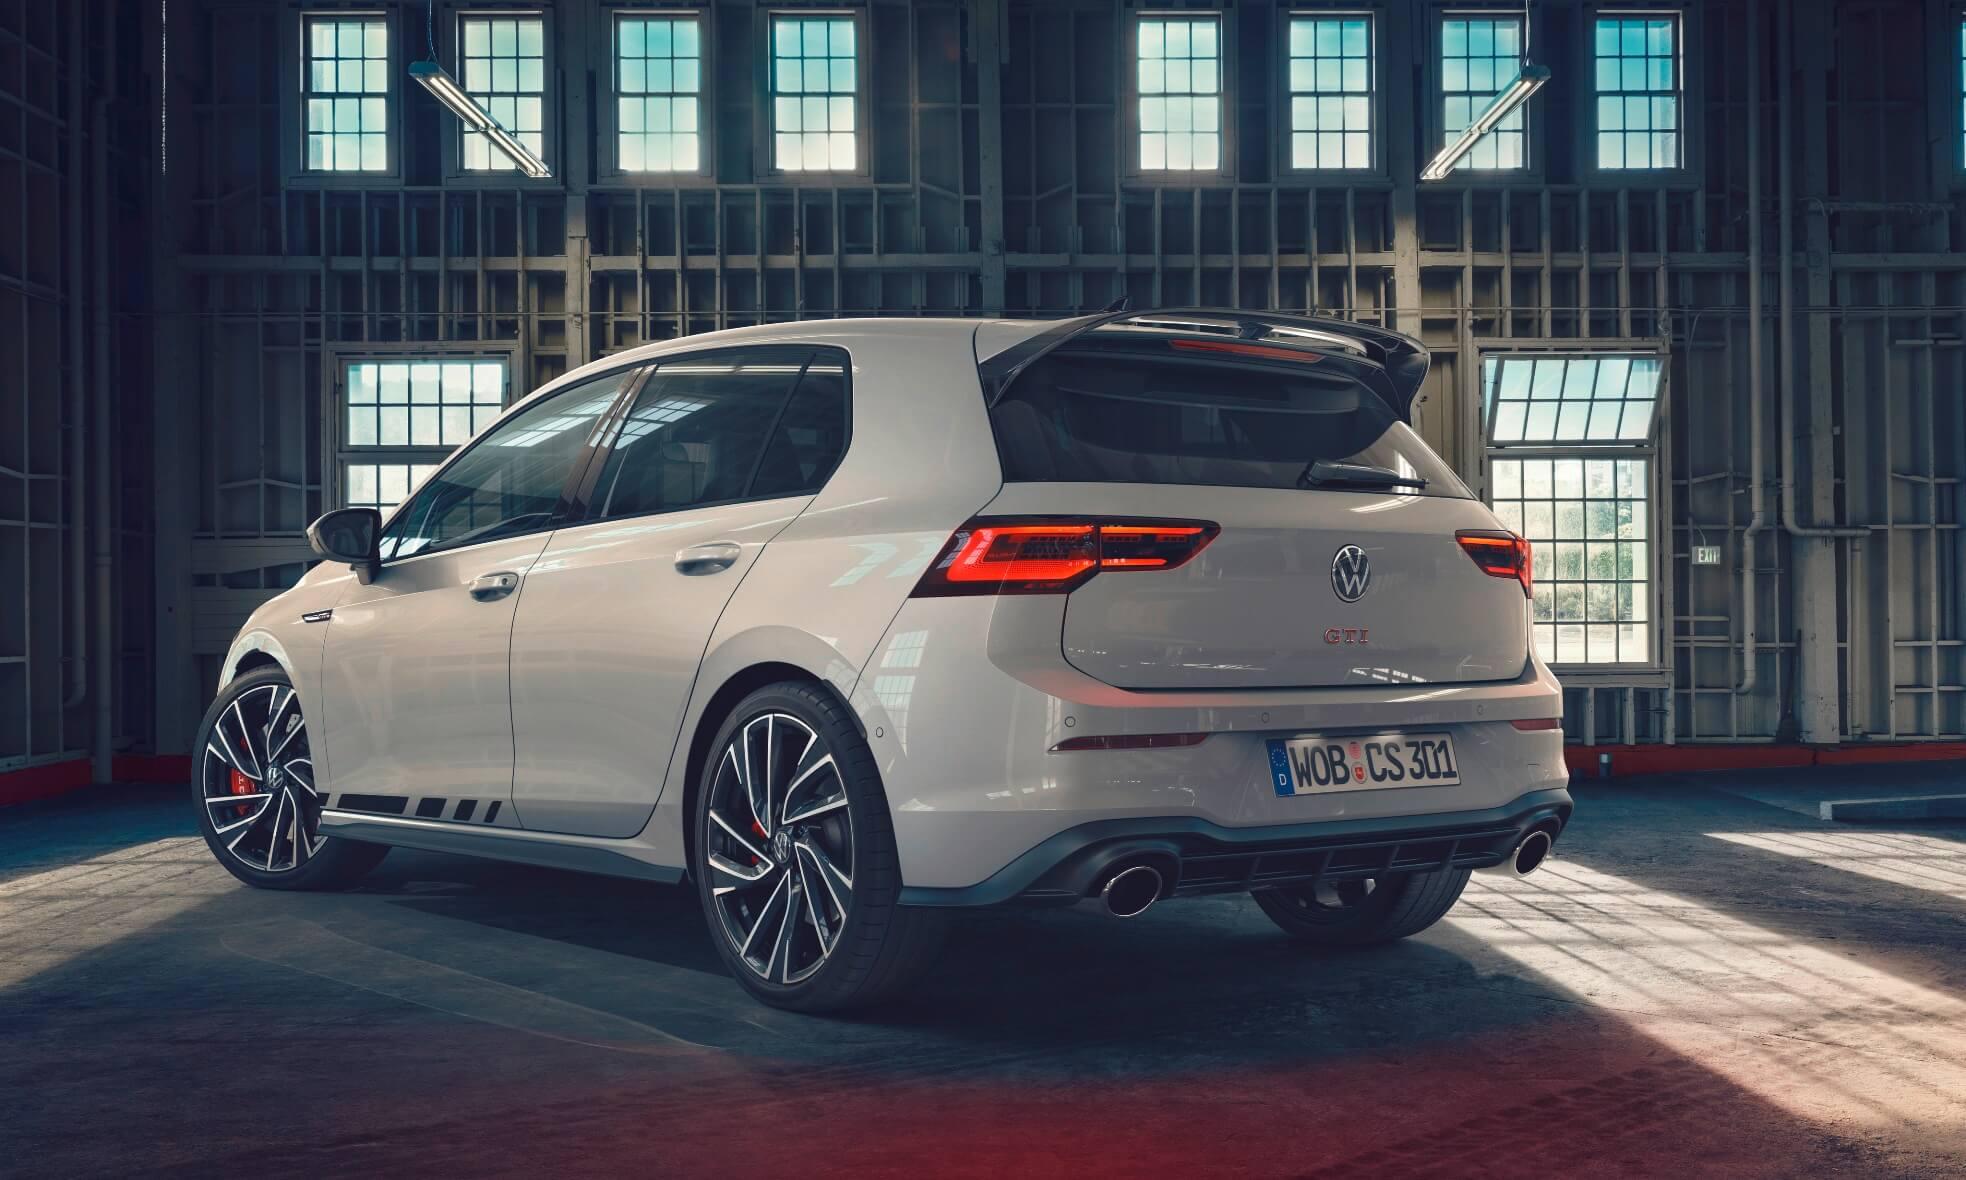 VW Golf GTI Clubsport rear